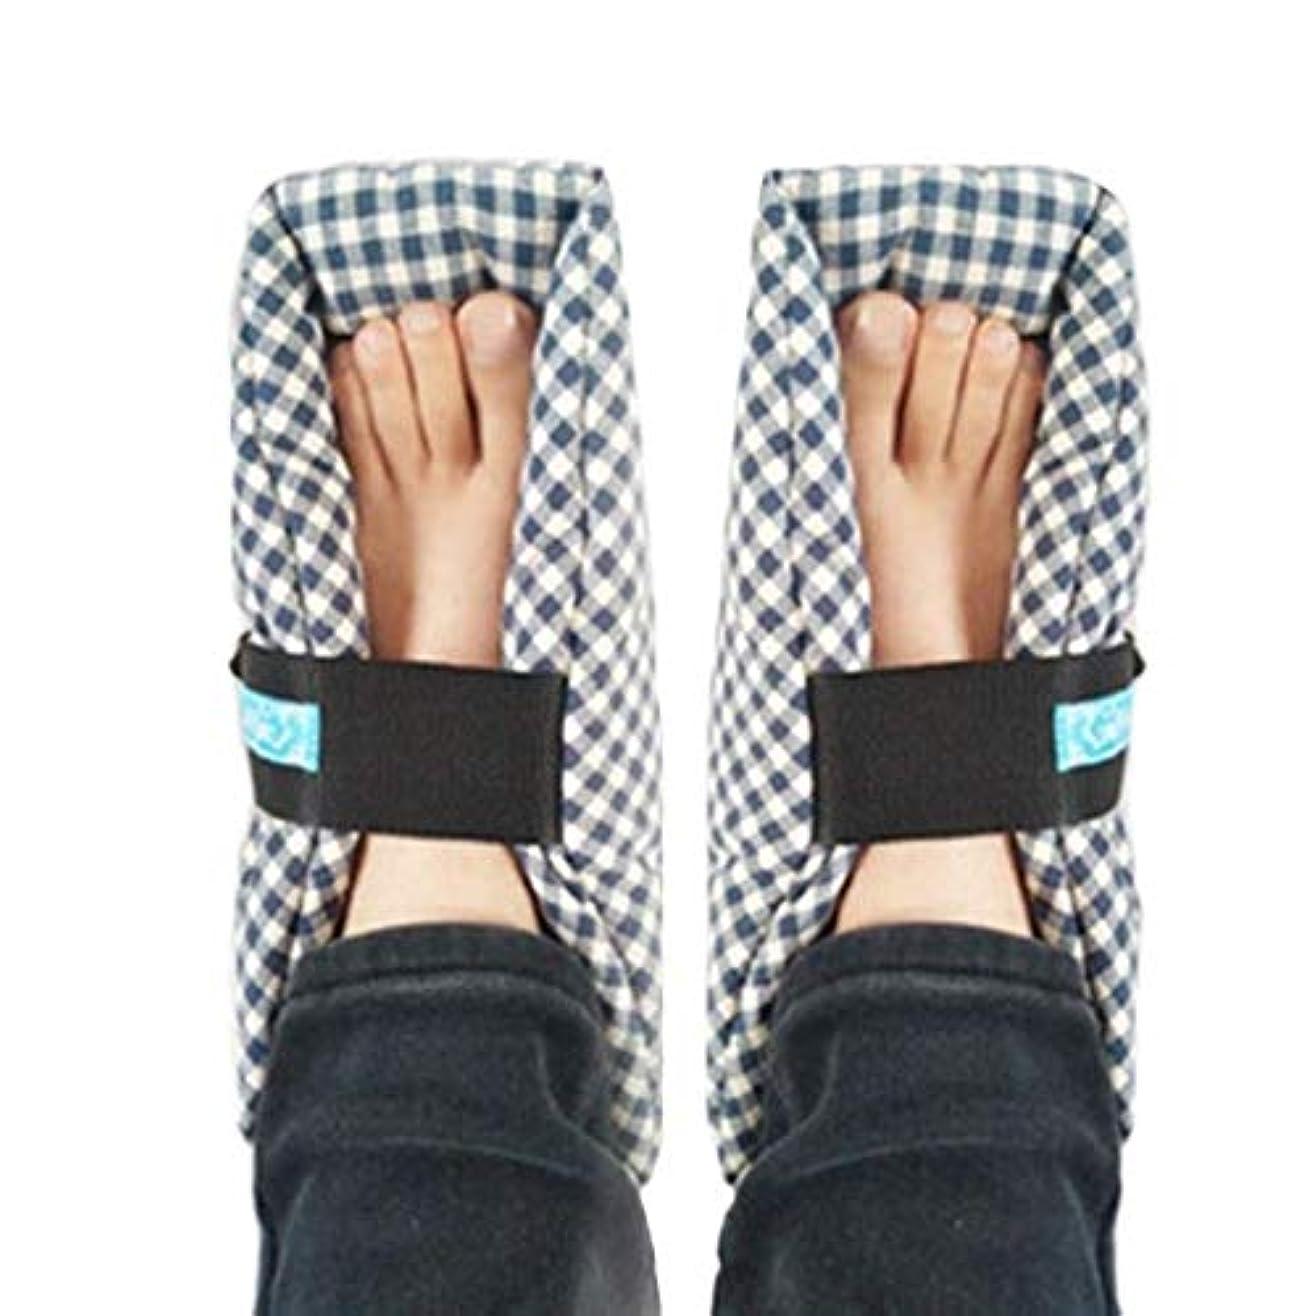 収穫名目上の評論家TONGSH 足枕、かかとプロテクター、かかとクッション、かかと保護、効果的な、瘡およびかかと潰瘍の救済、腫れた足に最適、快適なかかと保護足枕、1組、格子縞